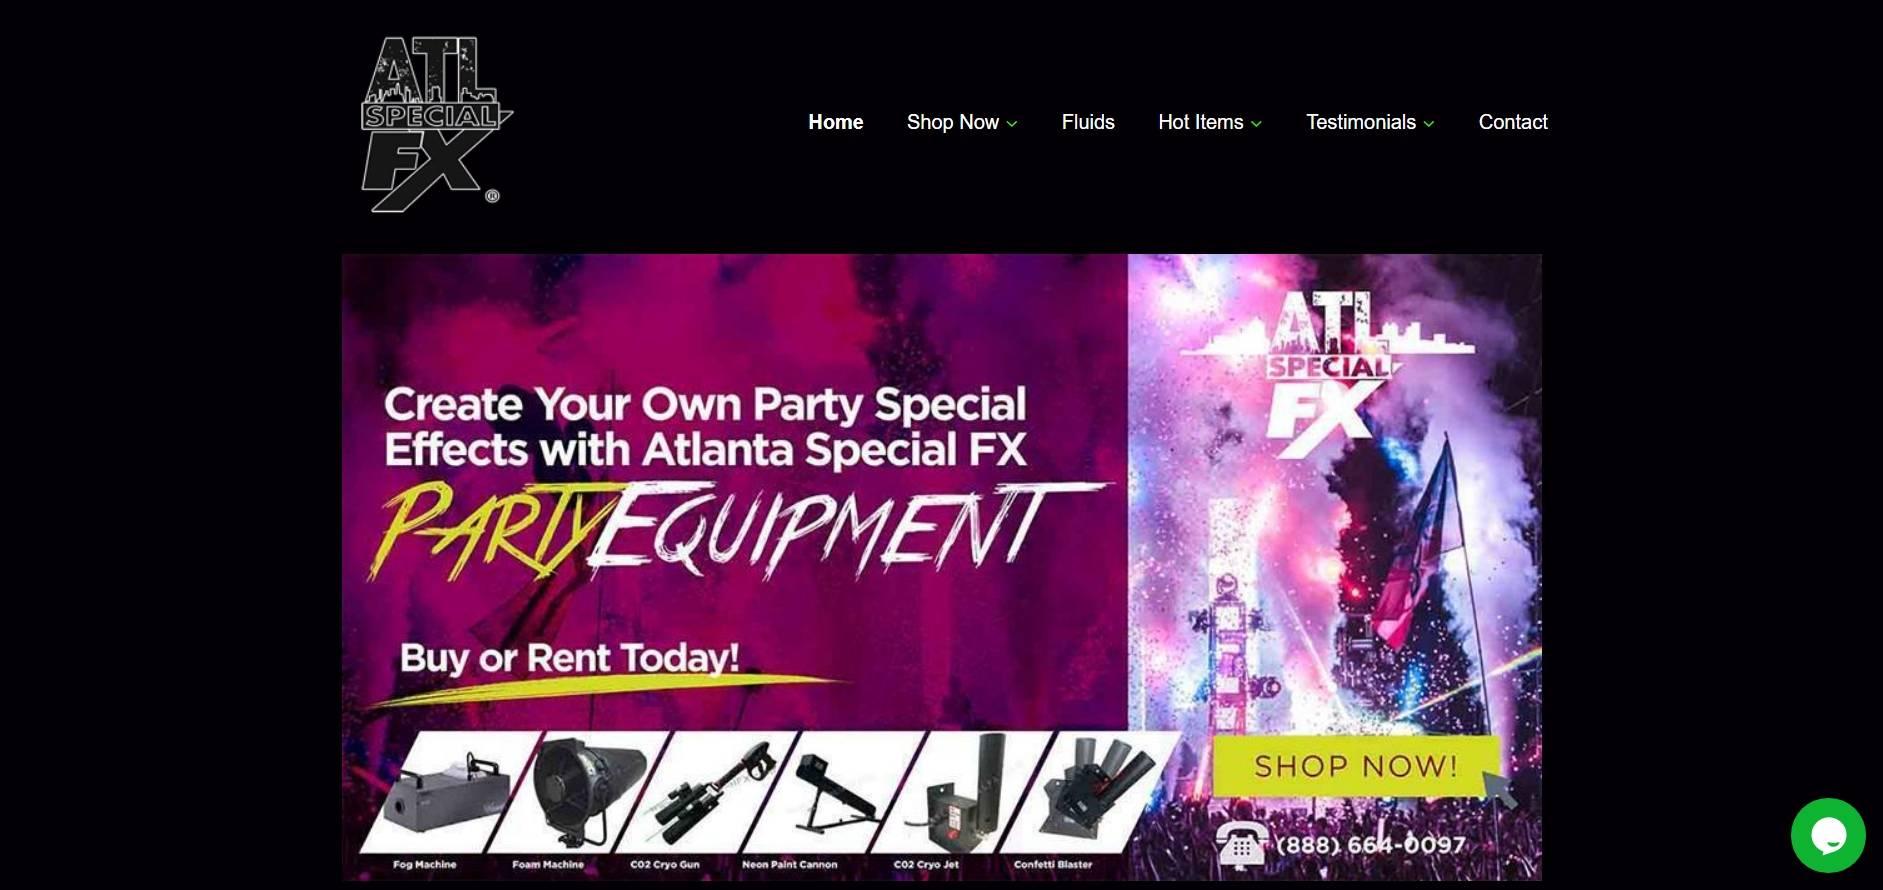 Atlanta Special FX